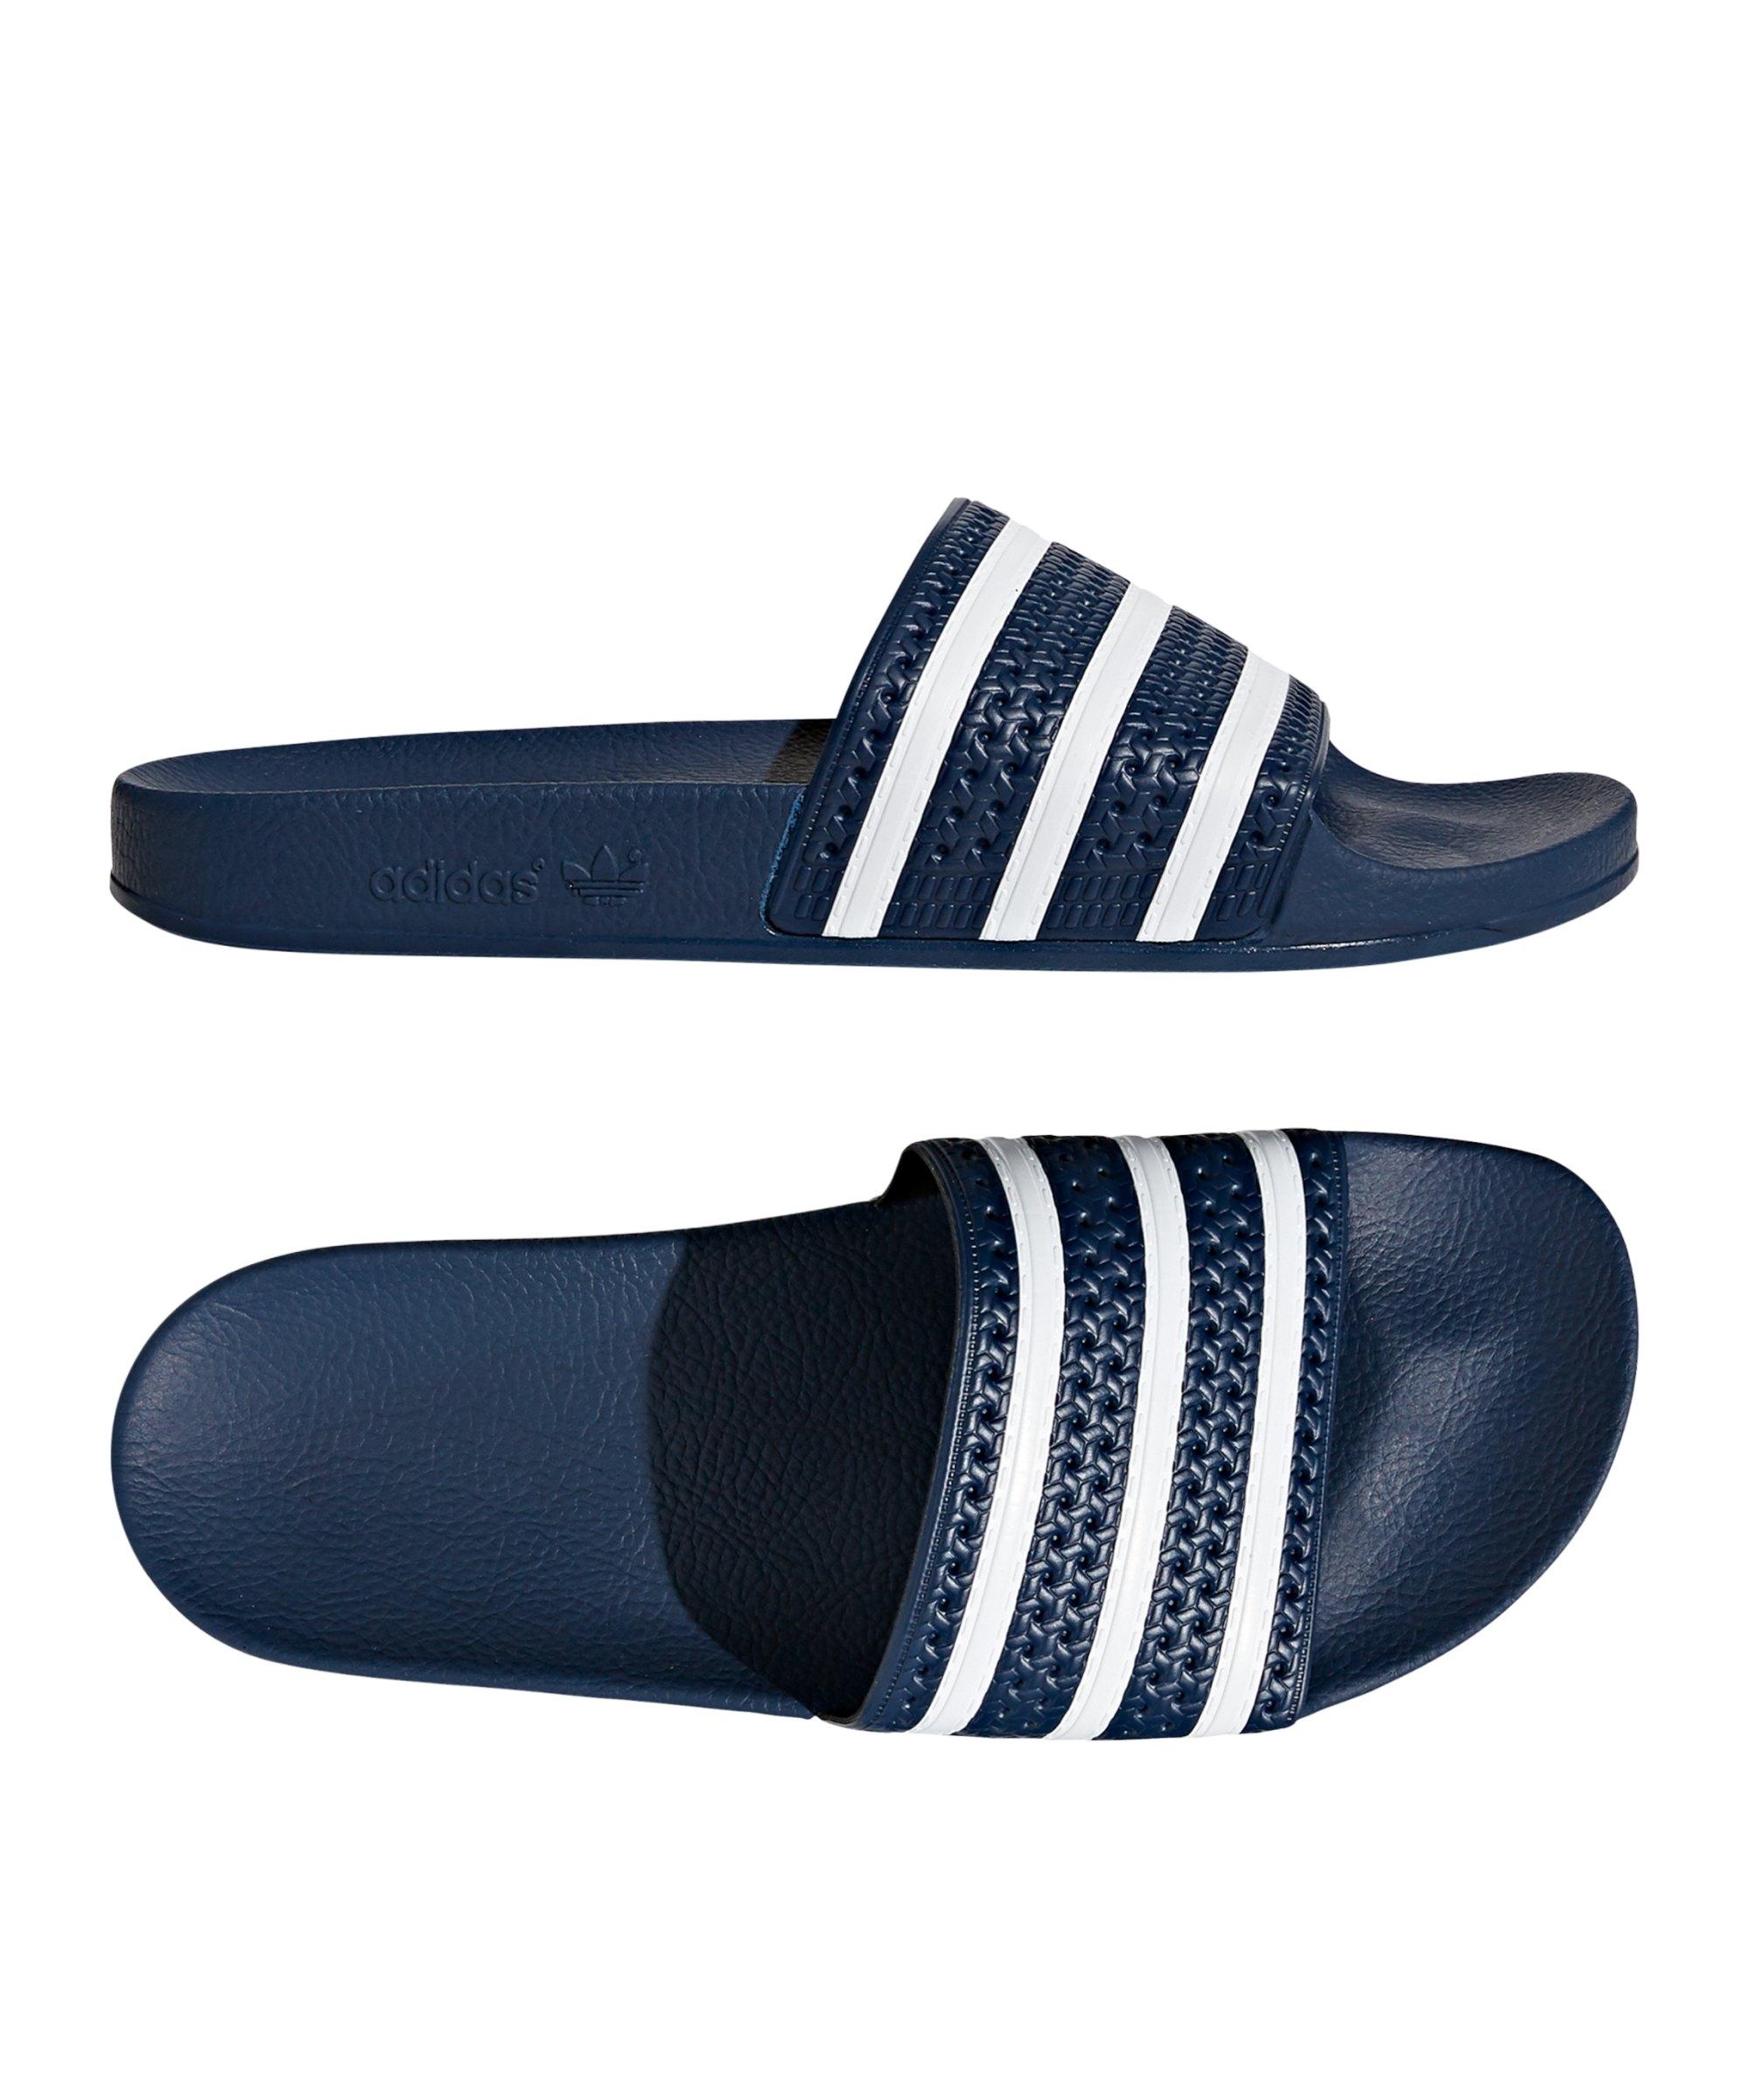 adidas rom weiß blau kaufen